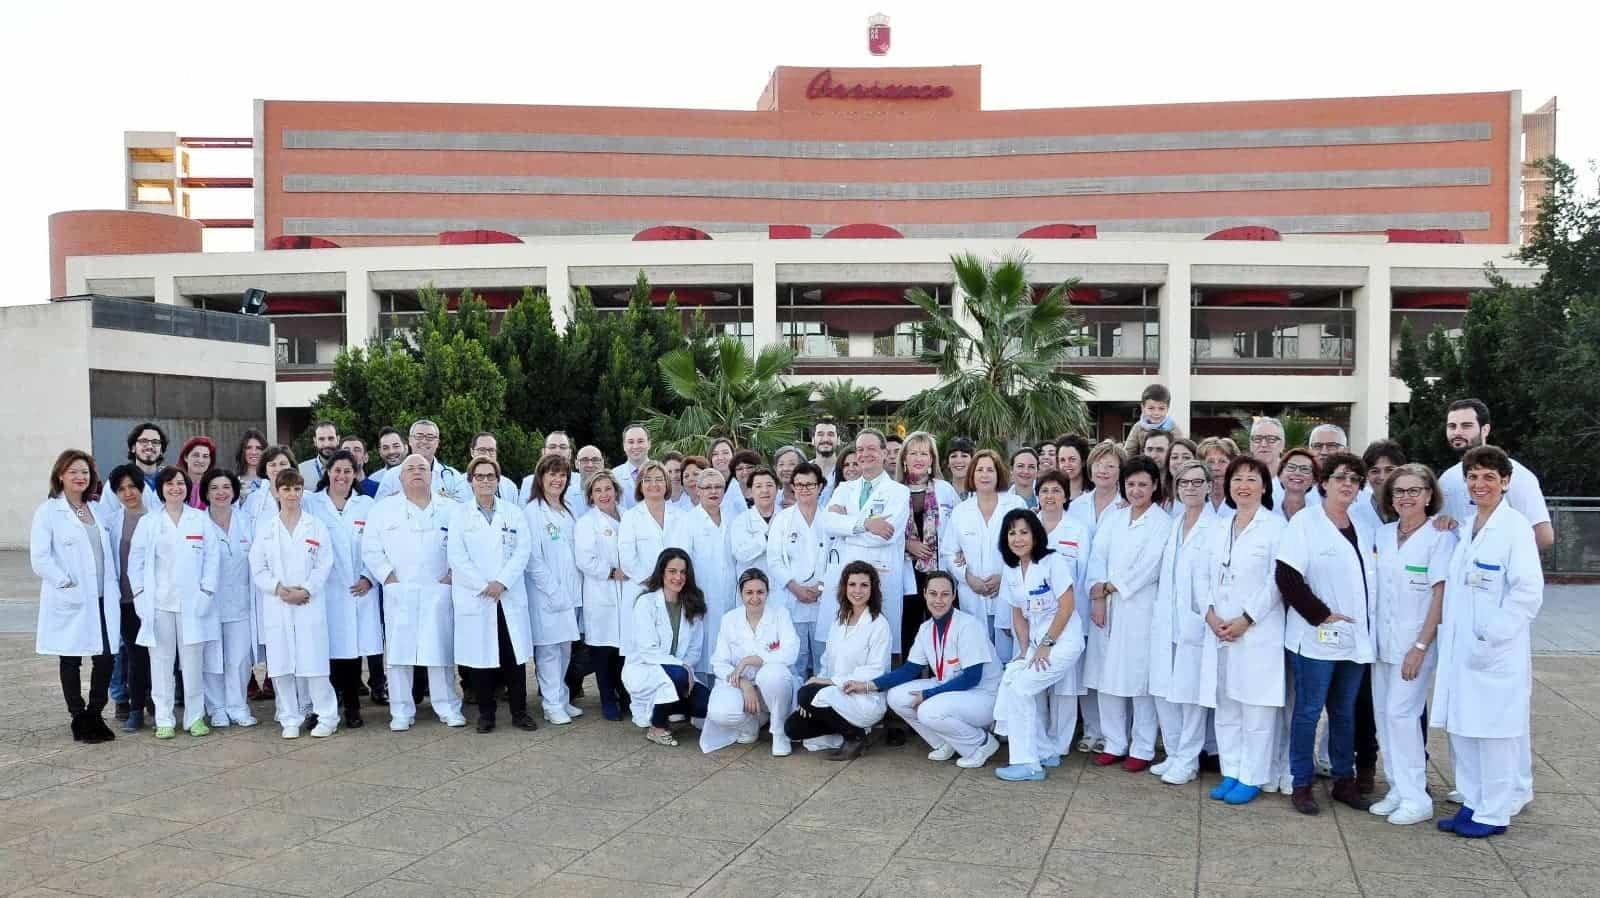 Herencia aporta 5000 euros a la investigación del coronavirus liderada por el doctor José María Moraleda 4